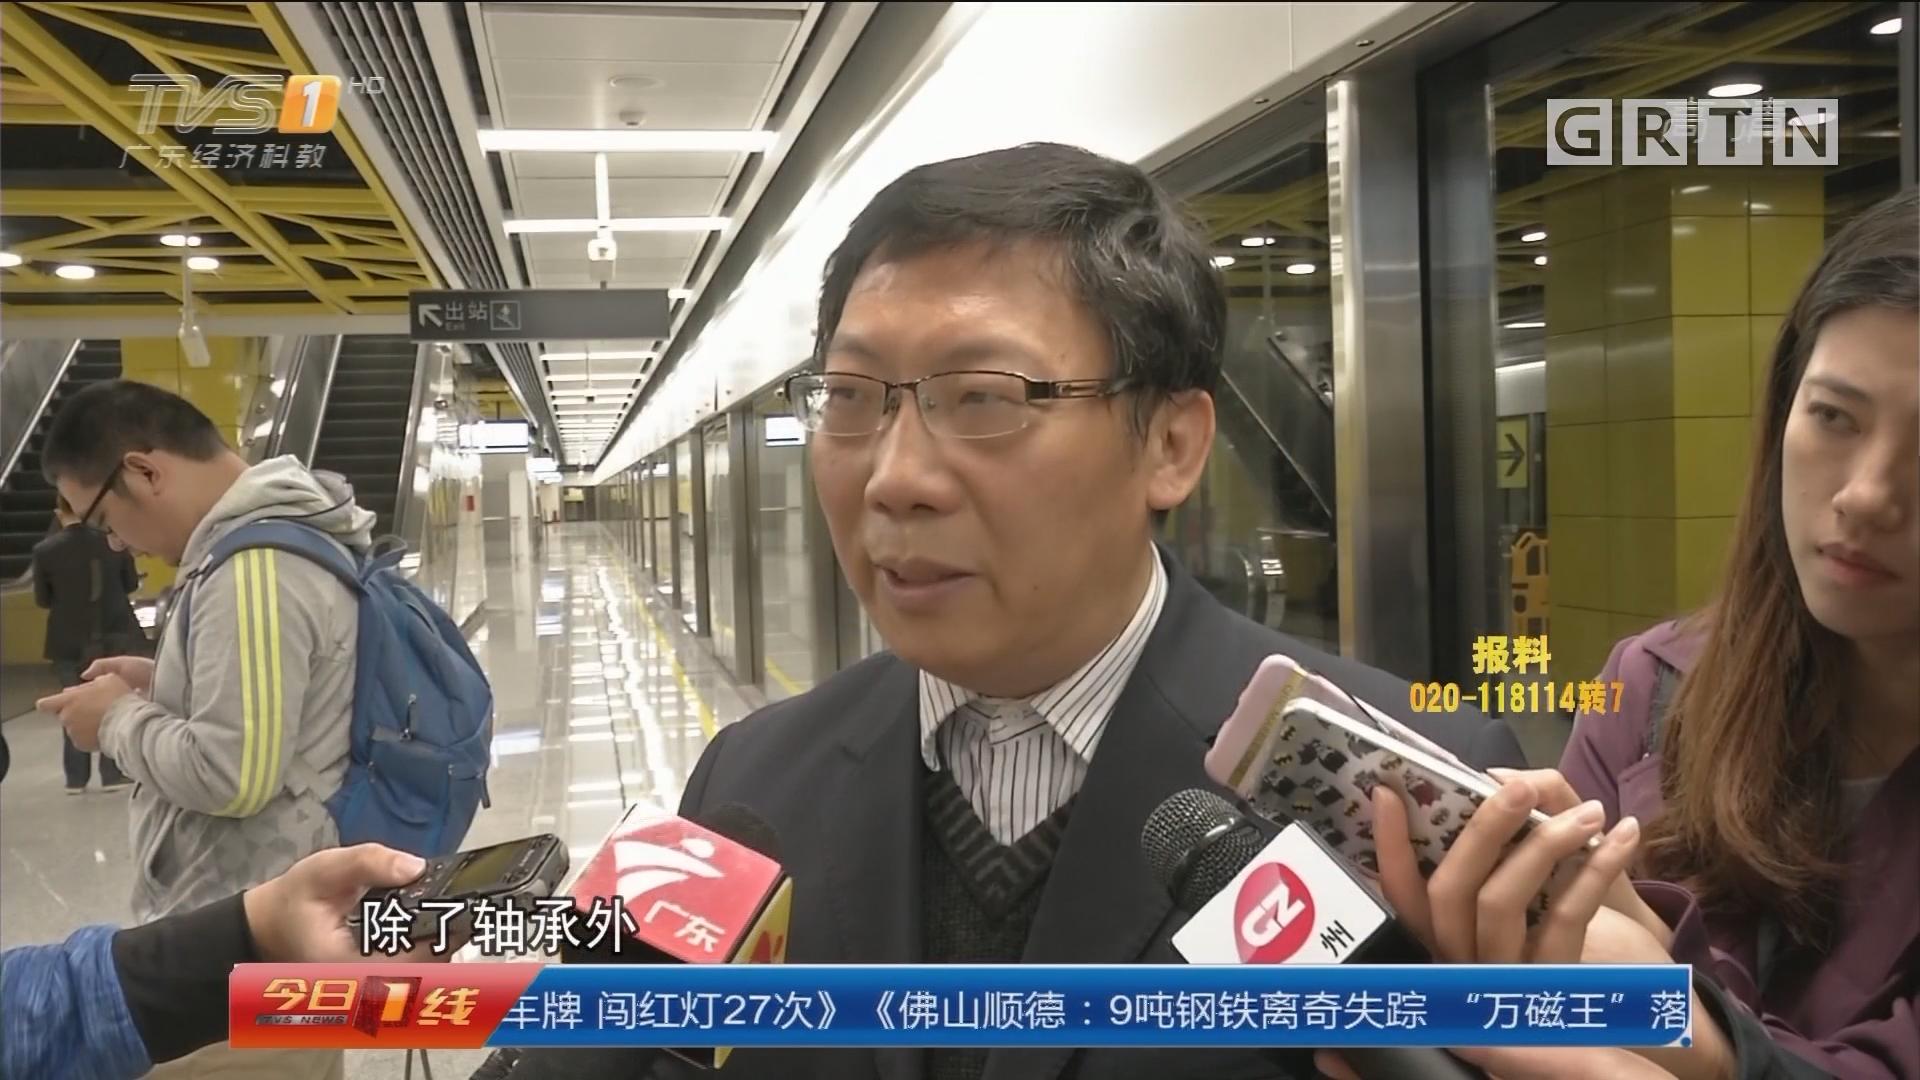 学习宣传贯彻党的十九大精神:广州地铁九号线年底开通 记者试乘